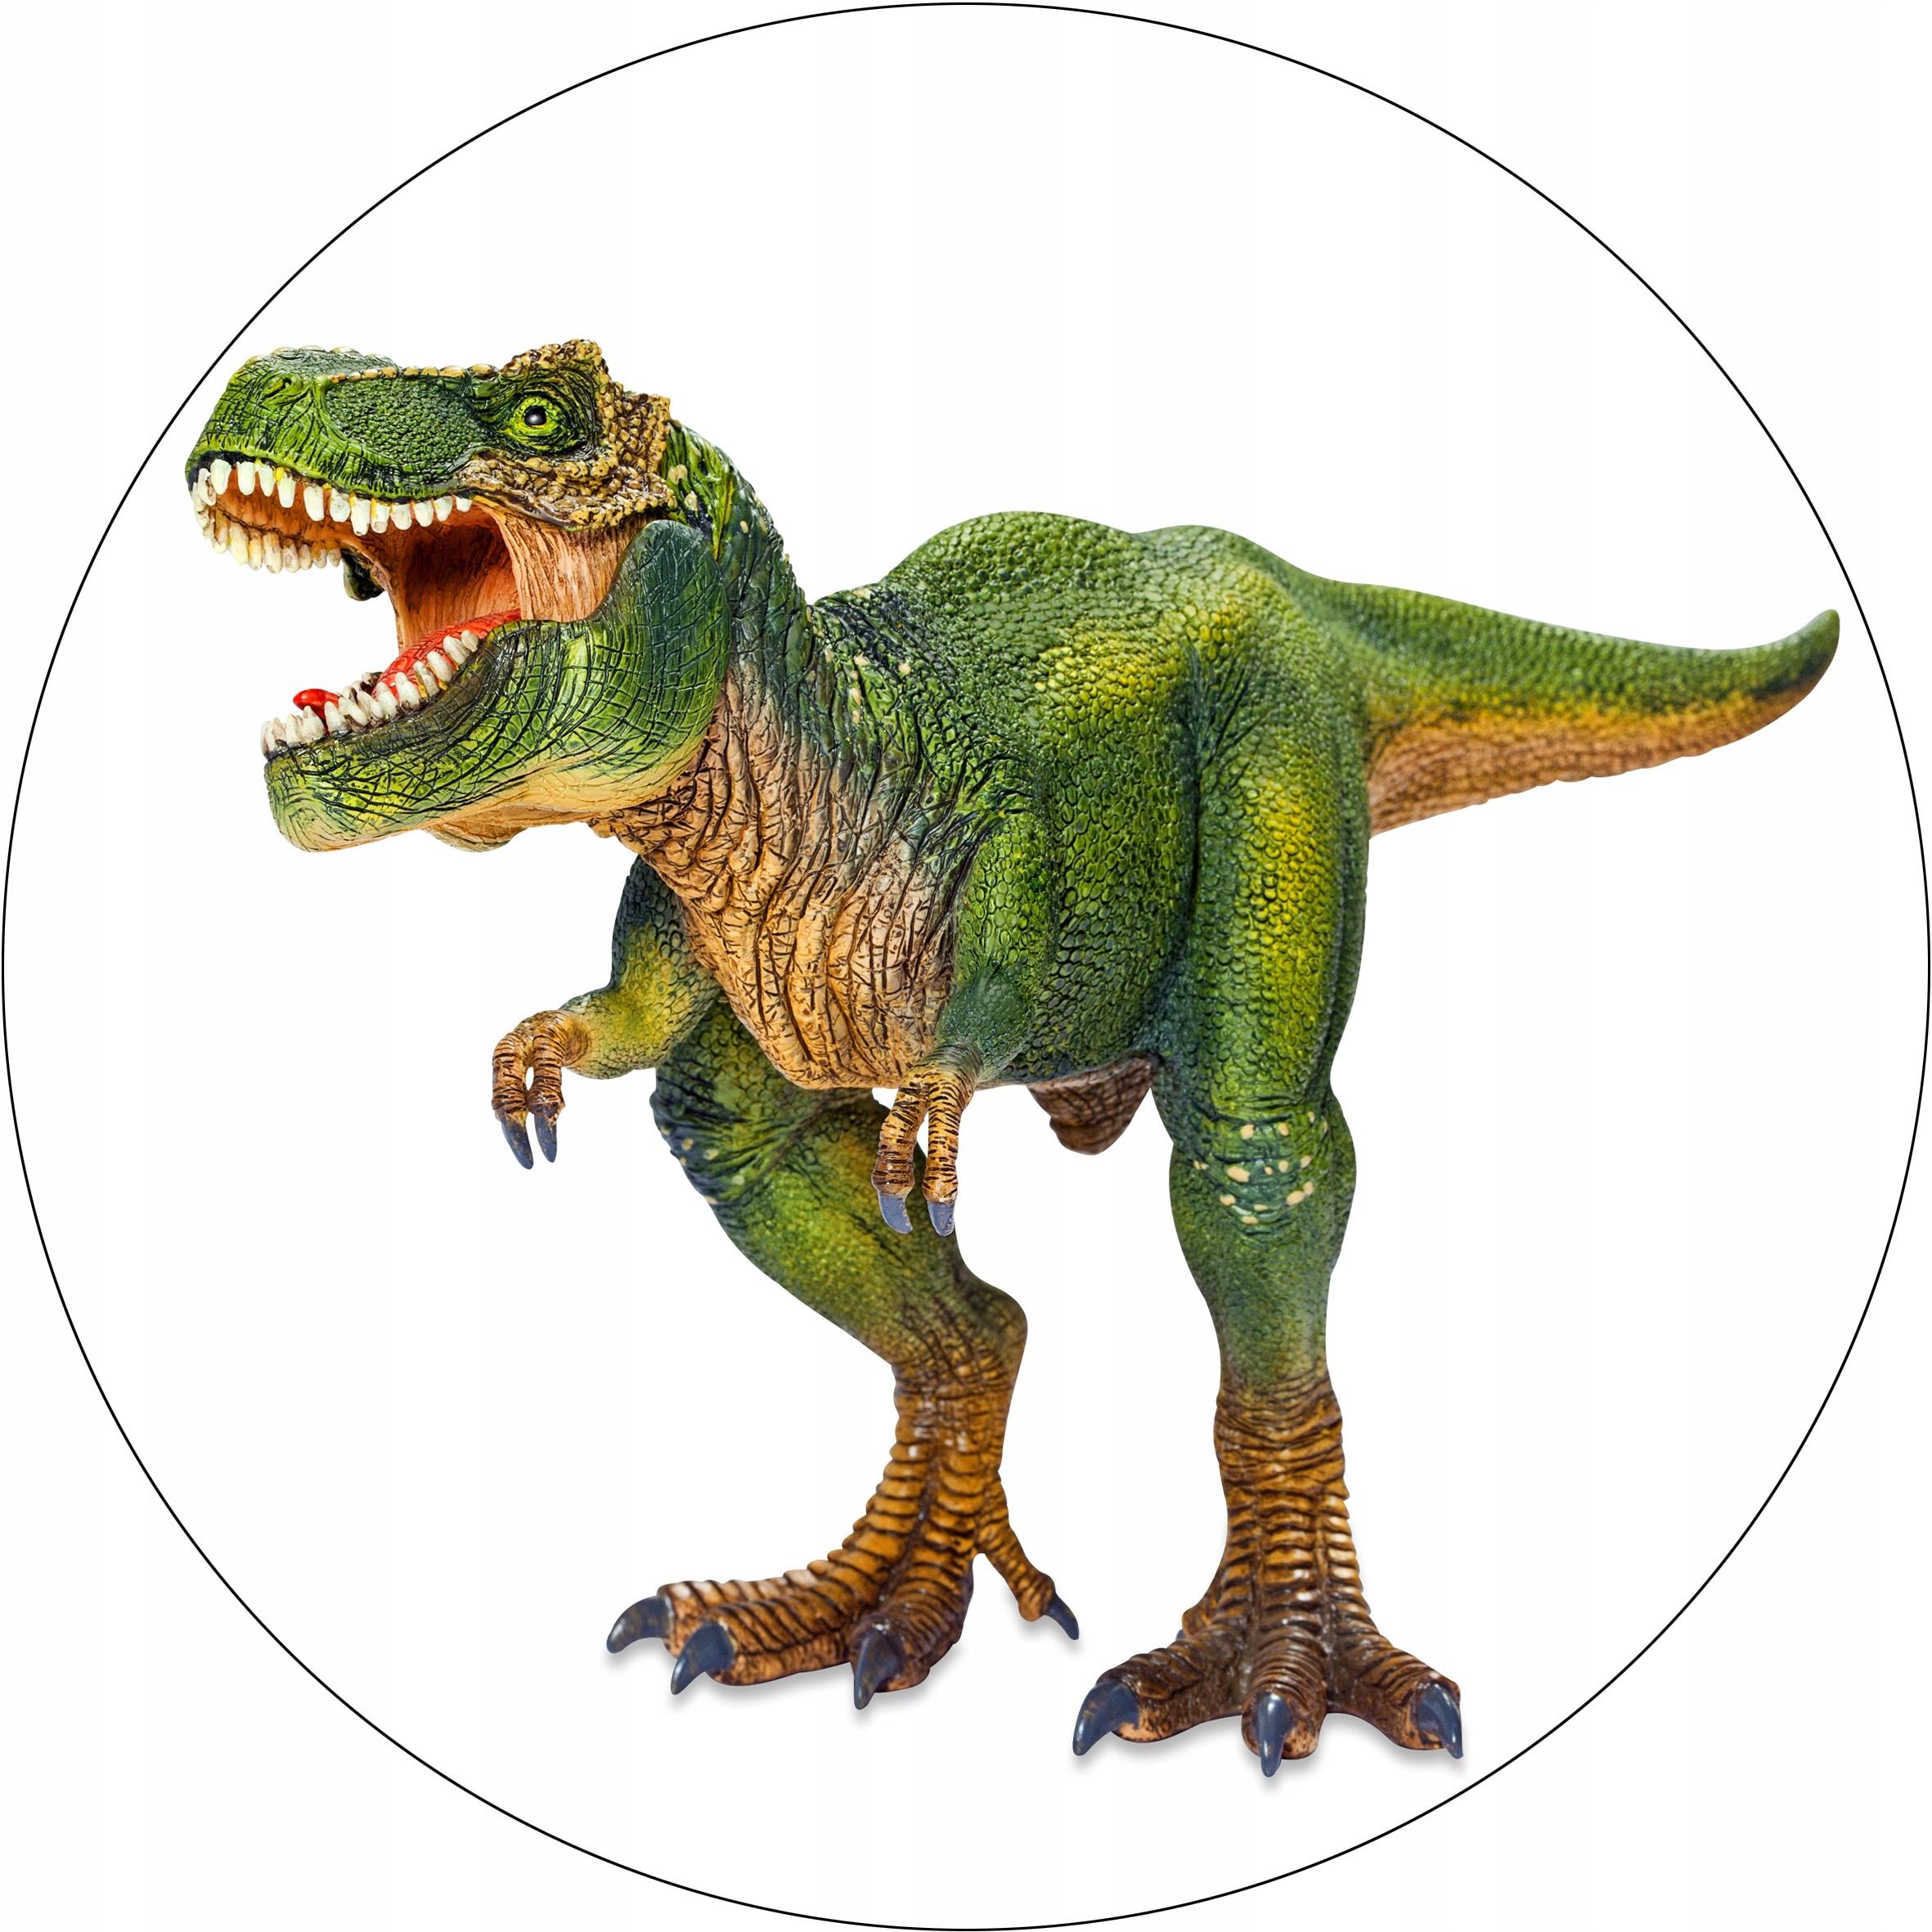 меню, вафельная картинка динозавры драконы закусок невозможно